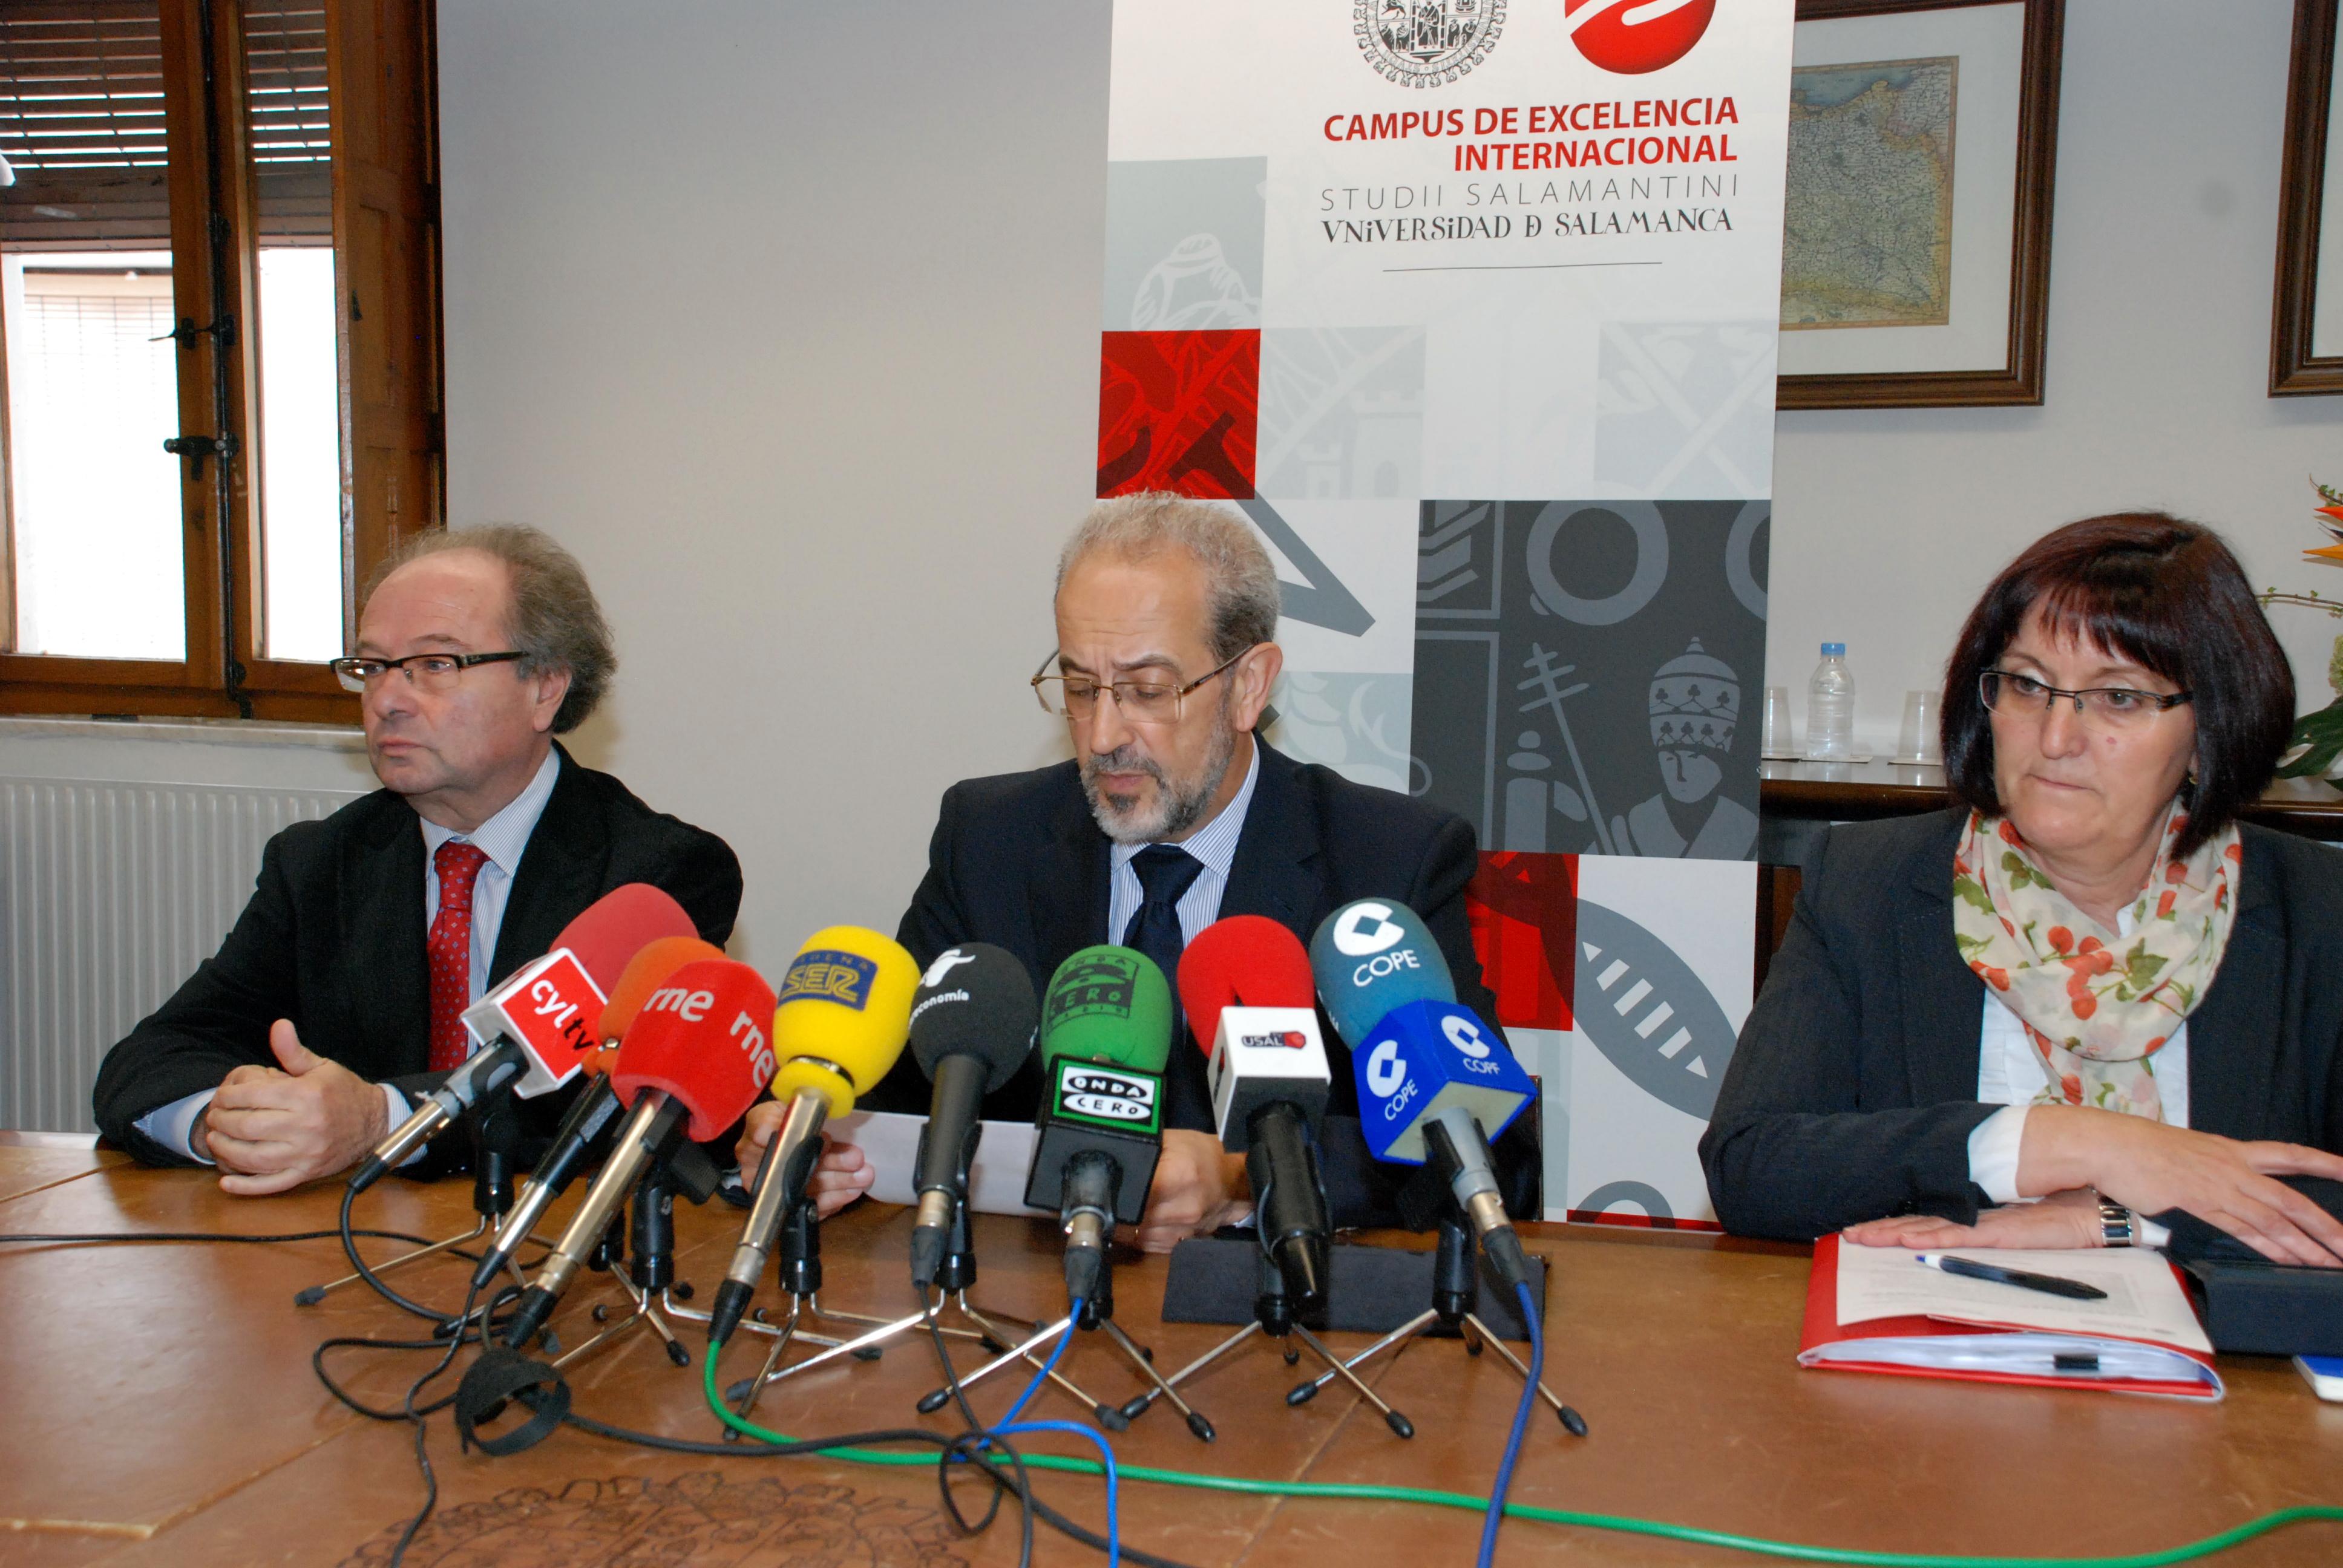 Los Rectores de las Universidades Españolas piden la finalización de las medidas excepcionales que afectan al estudio, a la actividad docente y a la investigación